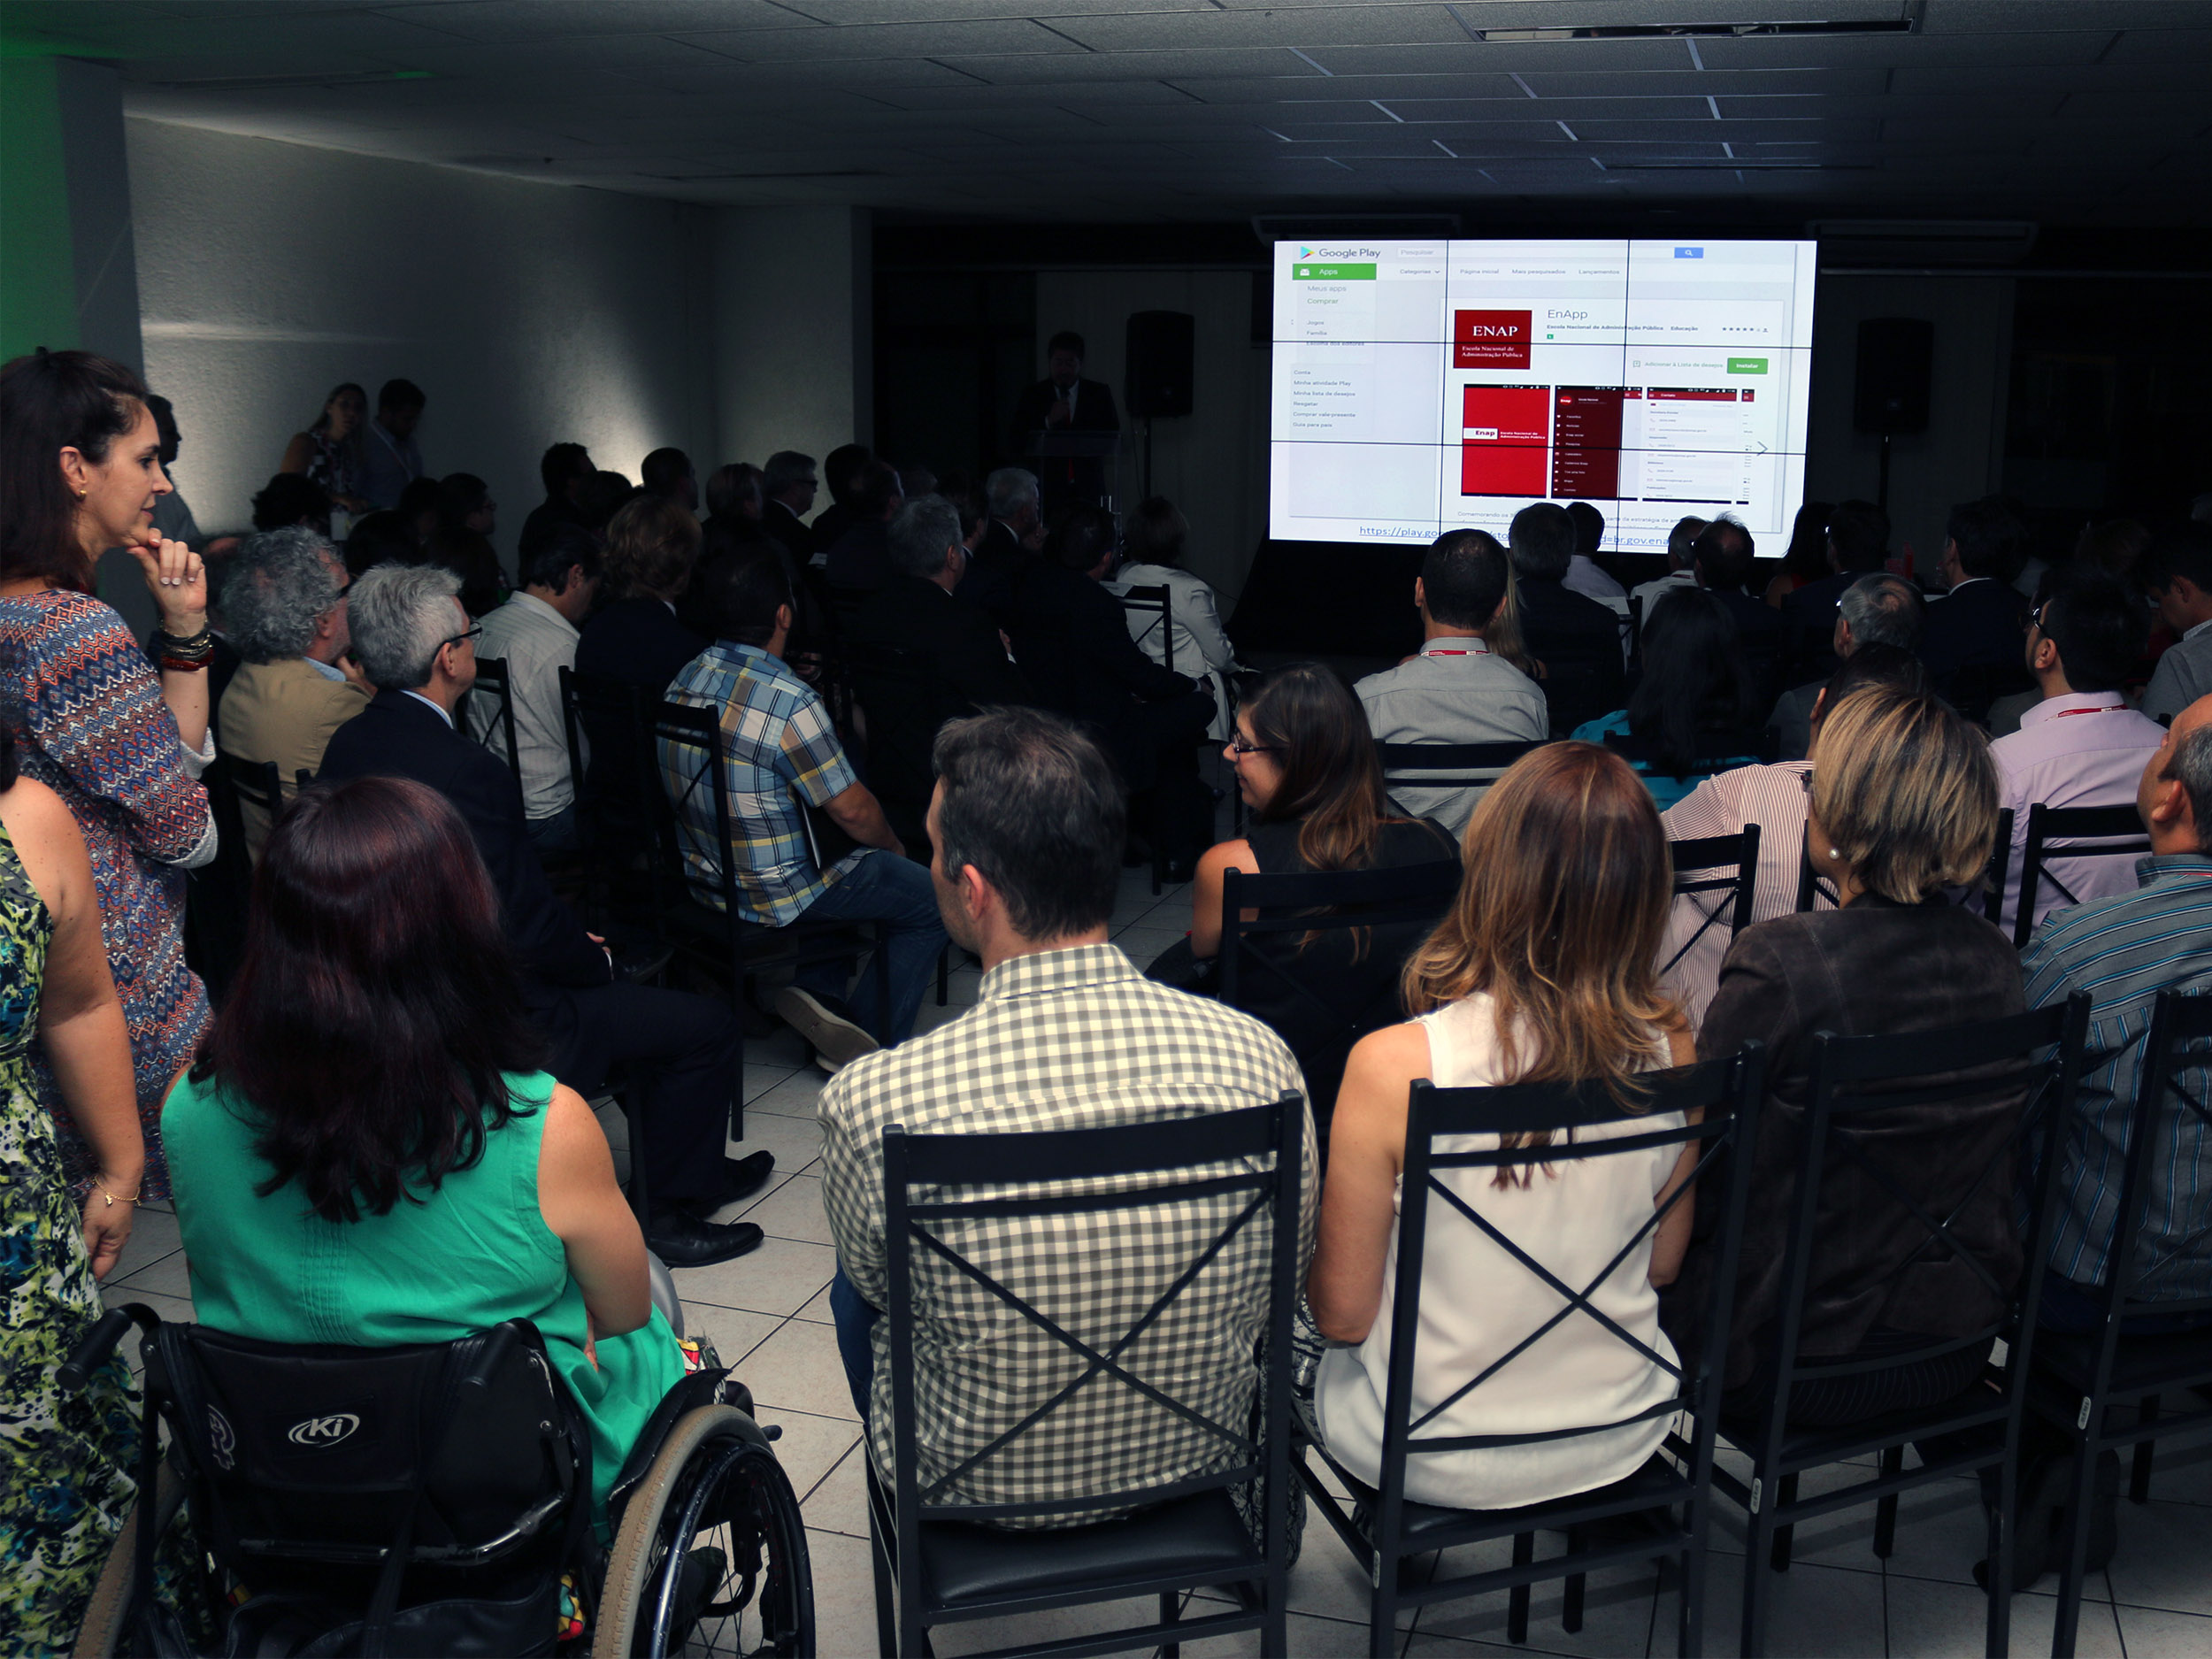 EnAPP foi lançado durante o evento. Foto: Filipe Calmon / ANESP